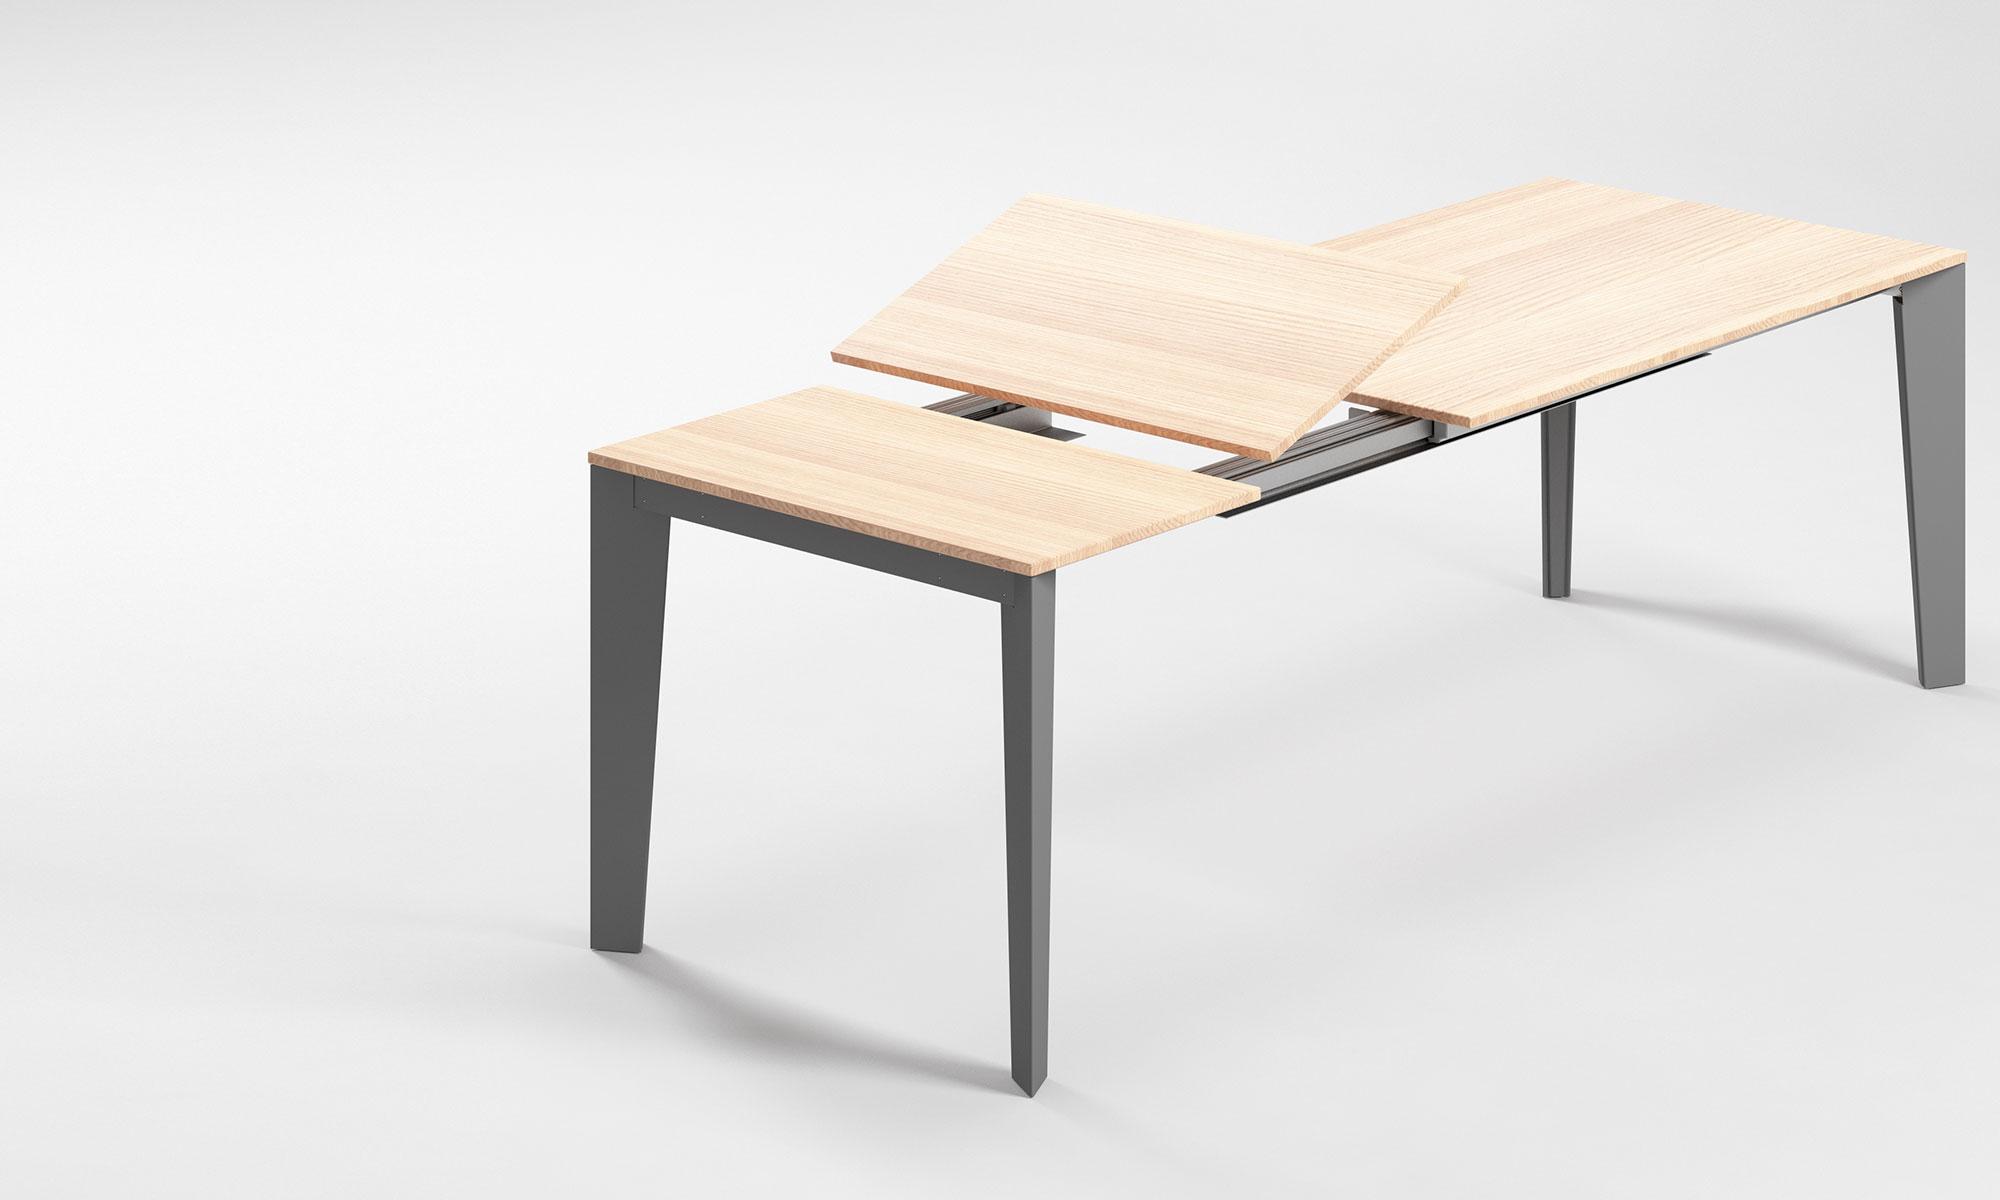 Tavolo Con Gamba Centrale meccanismi per tavoli allungabili | evomet srl